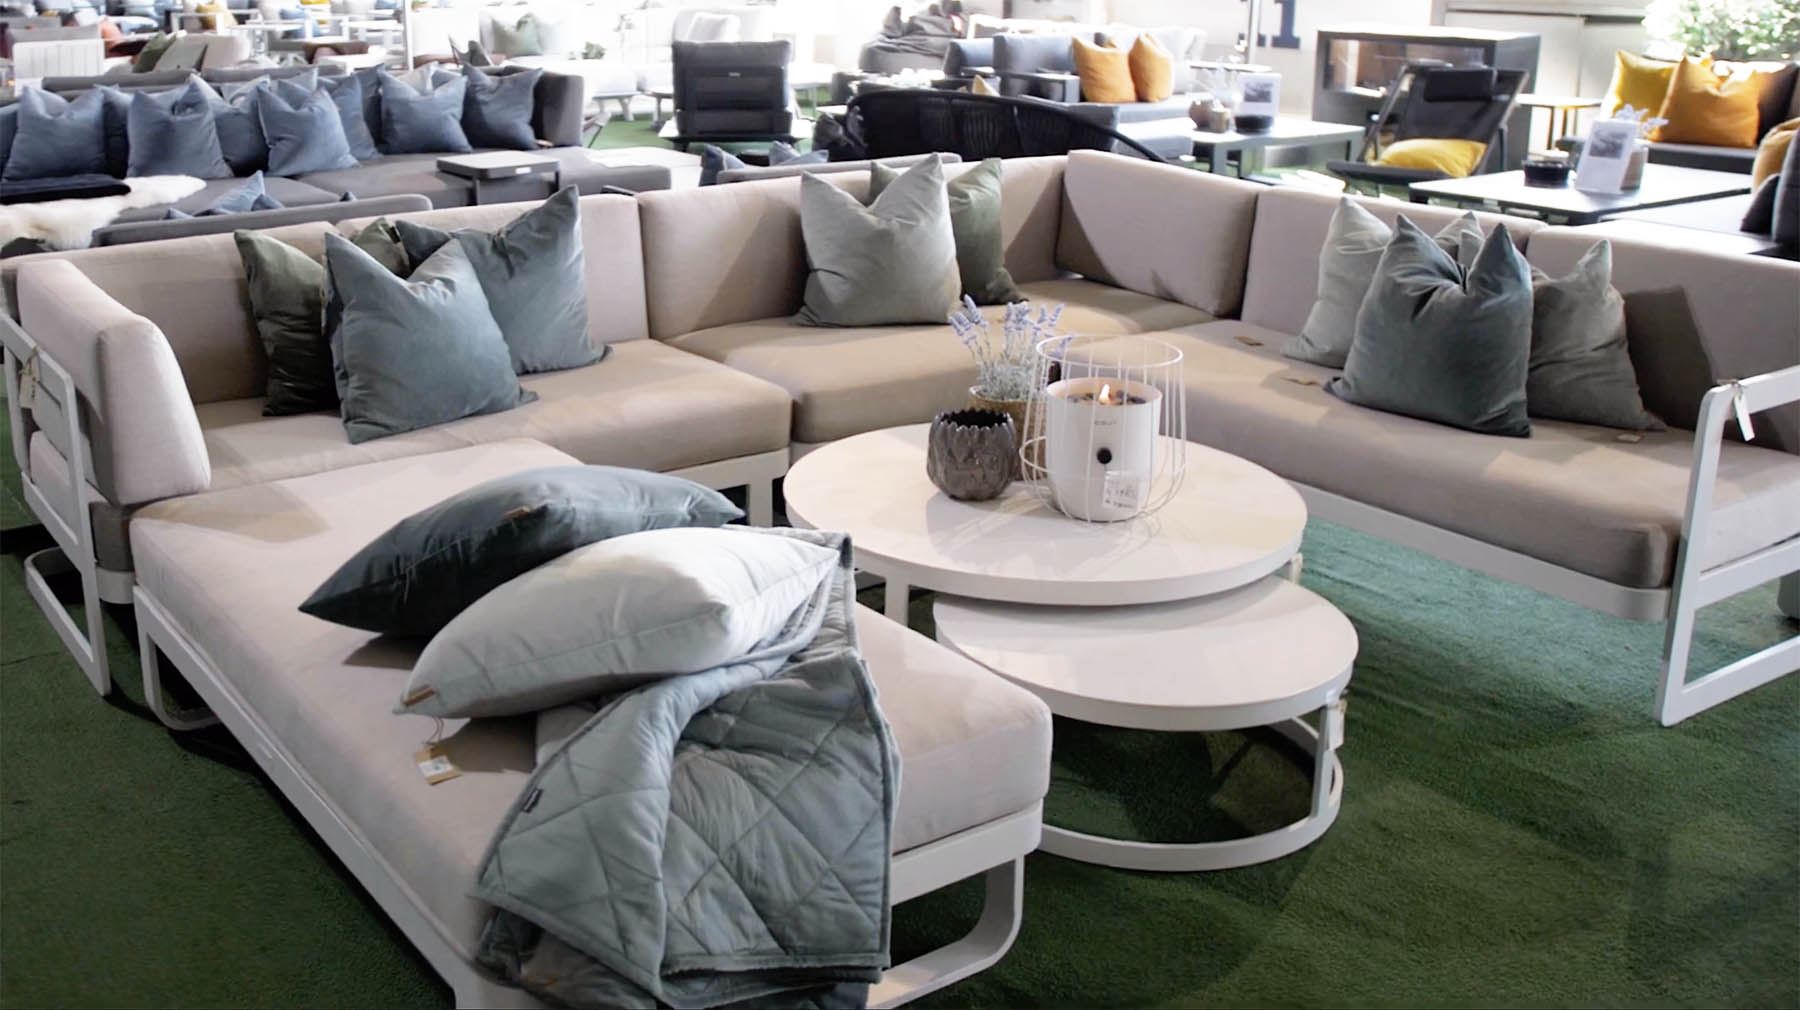 Sett-sammen-sofaen-slik-det-passer-best-hos-deg Hagemøbler og utemøbler - Fine design